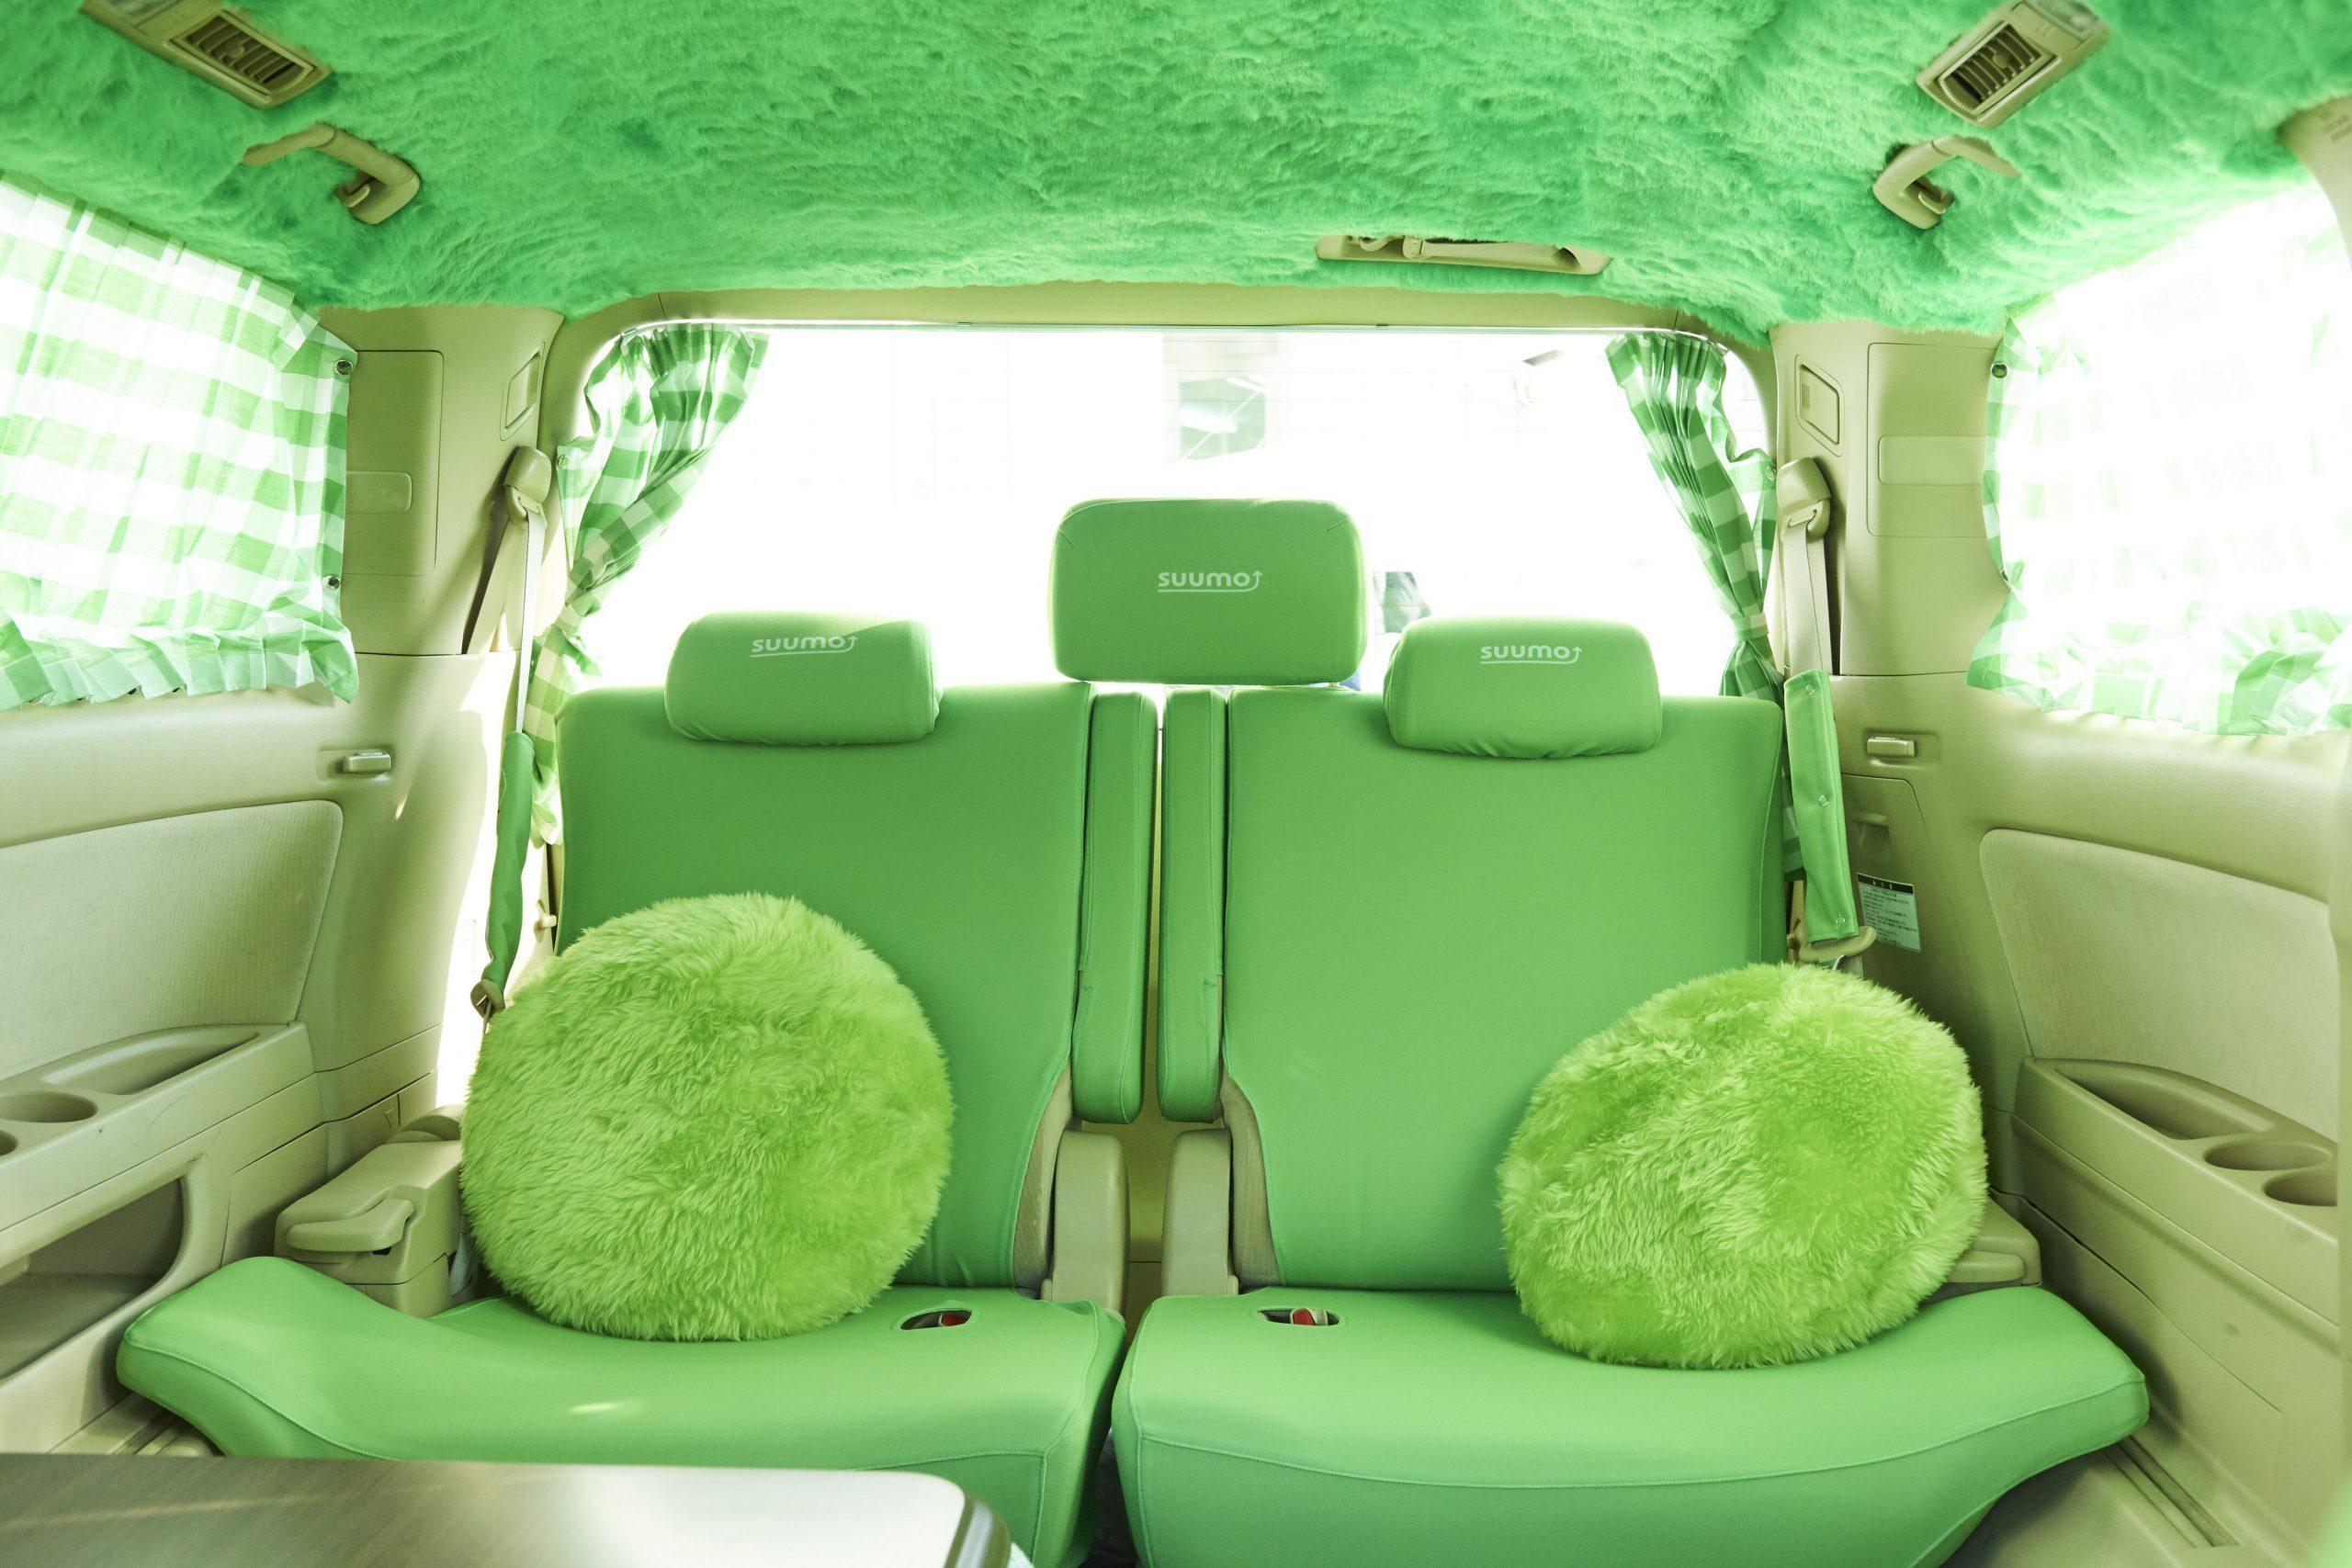 スーモタクシー後部座席内装